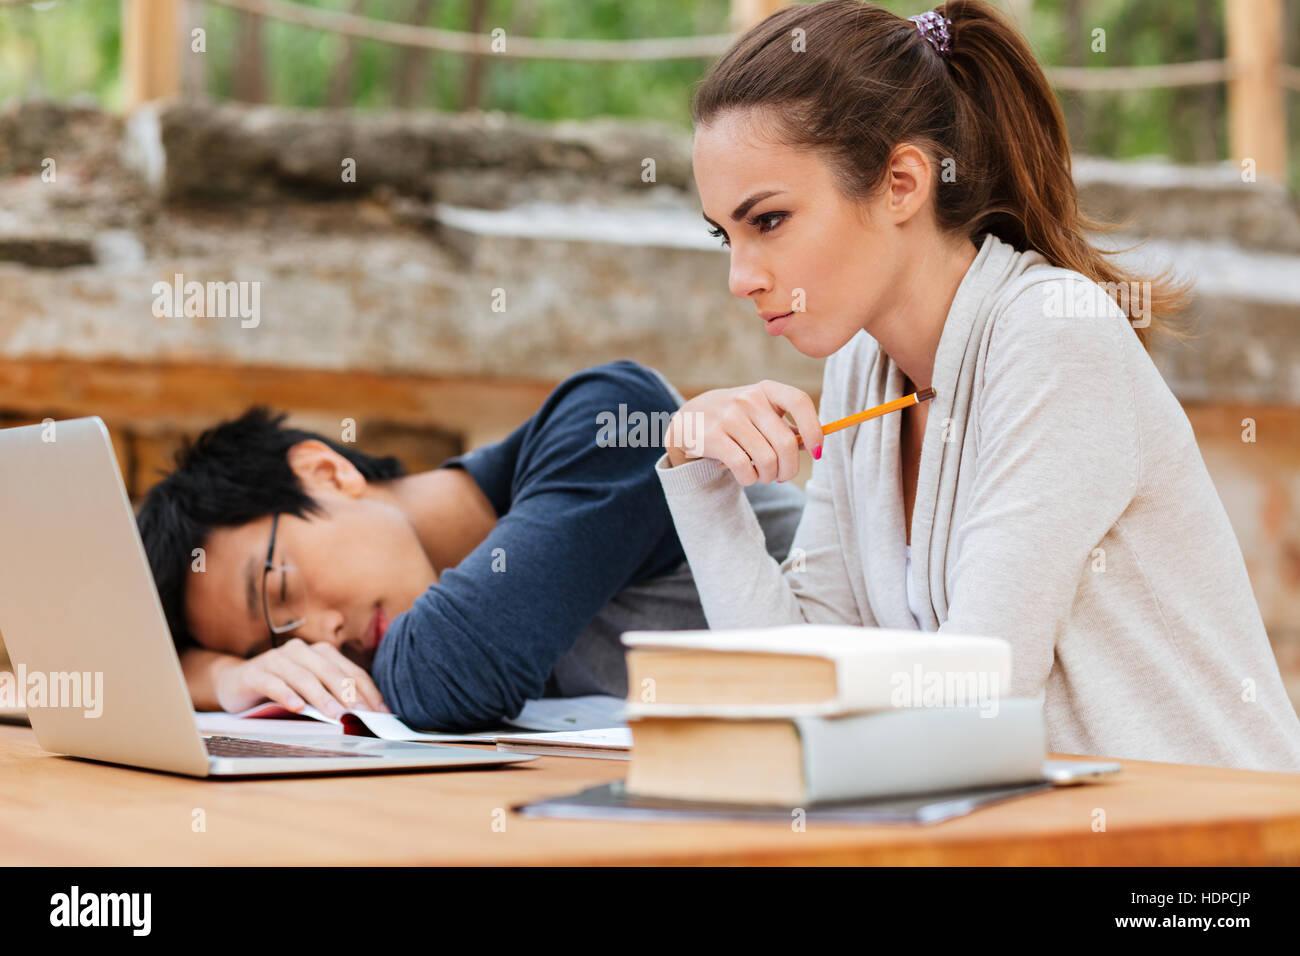 Concentrato di giovane donna seduta e studiando vicino all uomo dorme sulla scrivania Immagini Stock